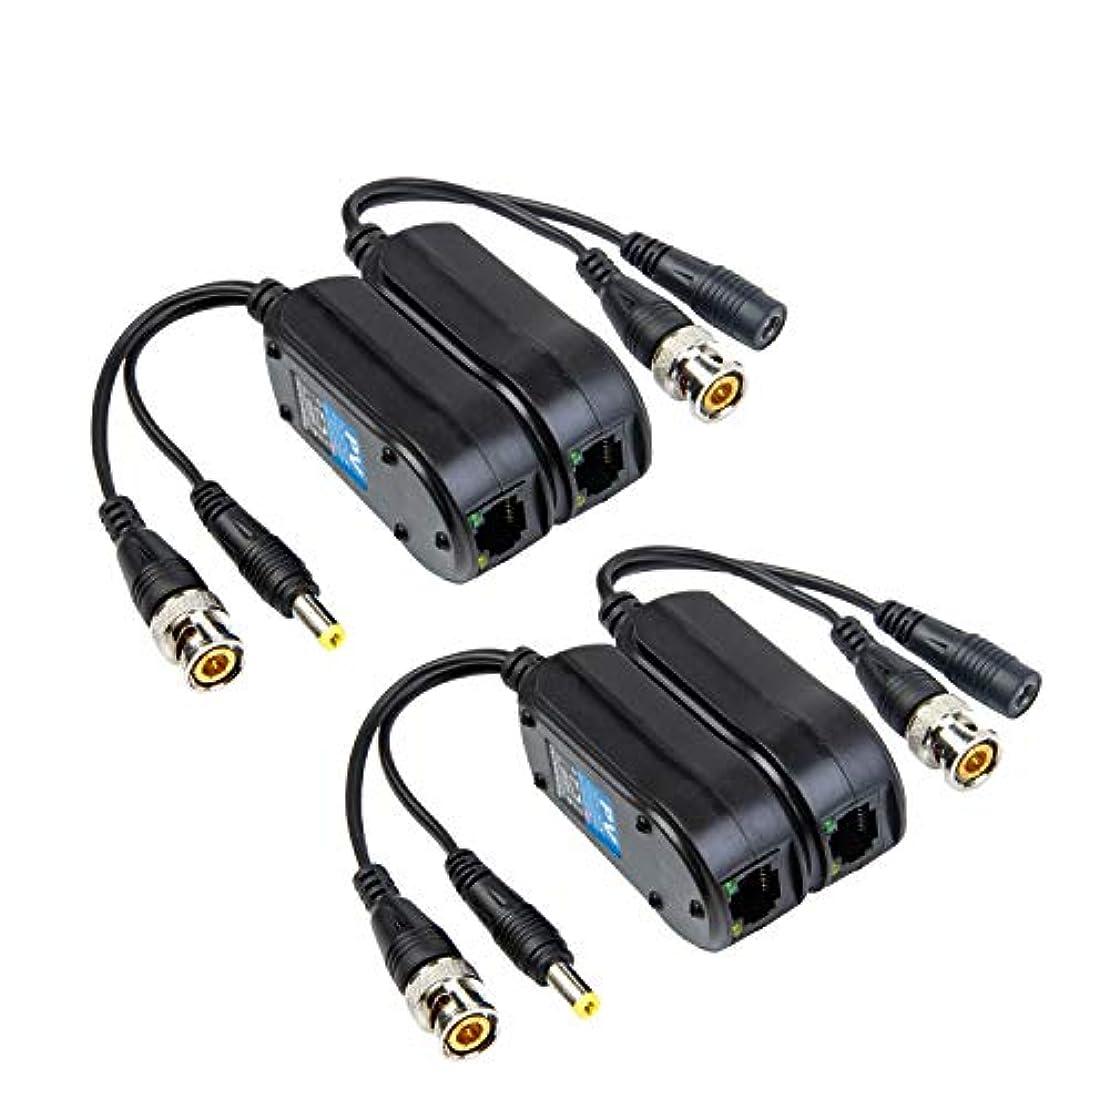 近傍水没ピラミッドLapetus 2ペア パッシブビデオ/パワーバランアップグレード 1080P - 5MP BNC - RJ45 長距離ネットワークトランシーバー Cat5e / Cat6 ケーブル - BNCオスアダプター フルHDセキュリティ監視カメラシステム用